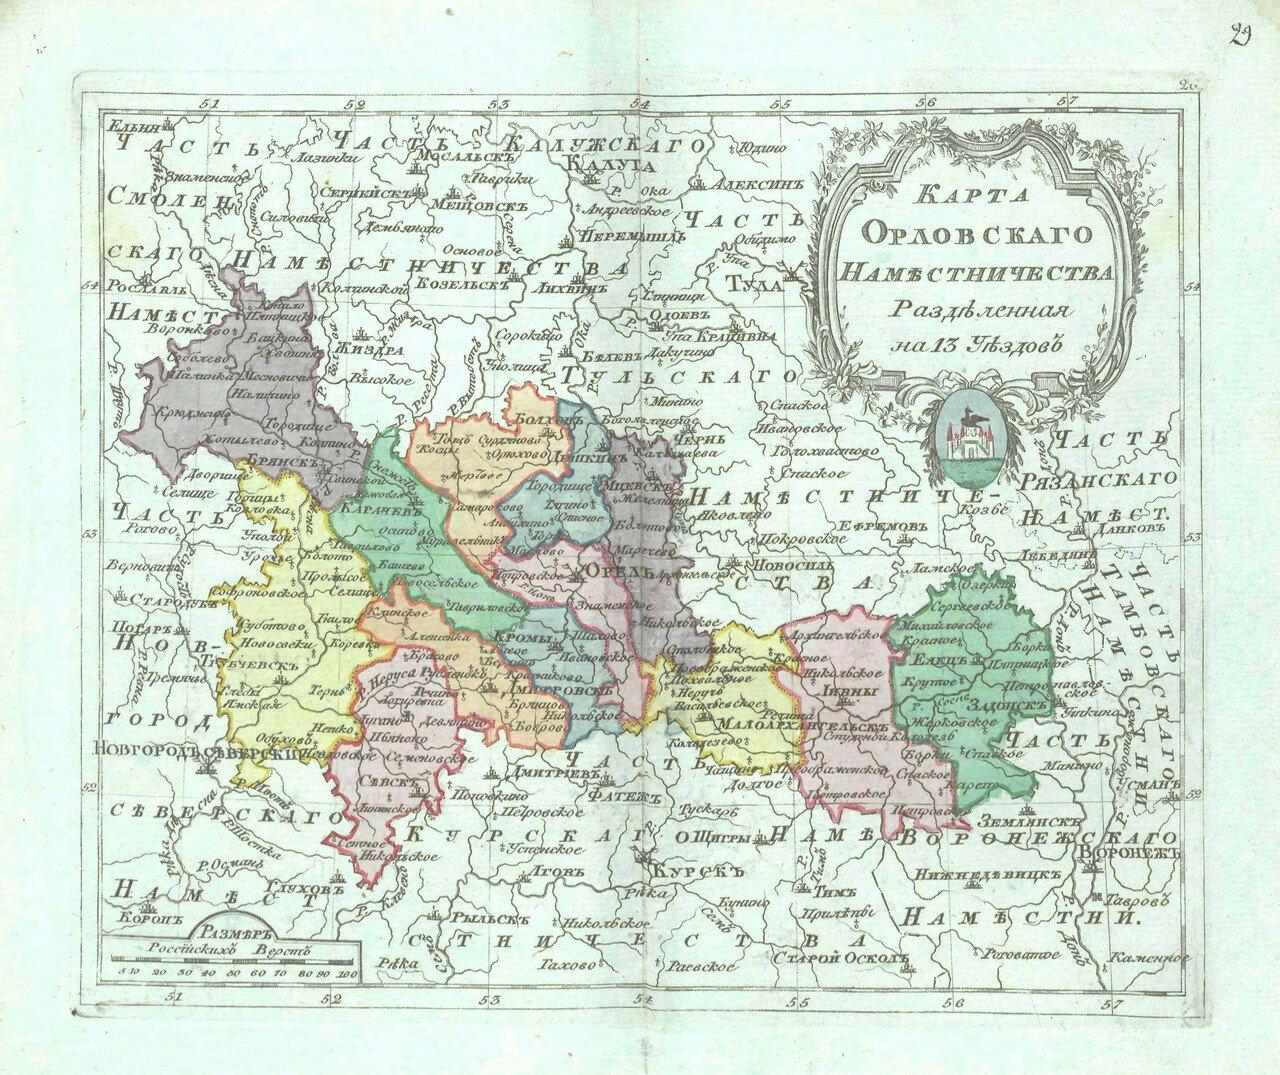 31. Карта Орловского наместничества